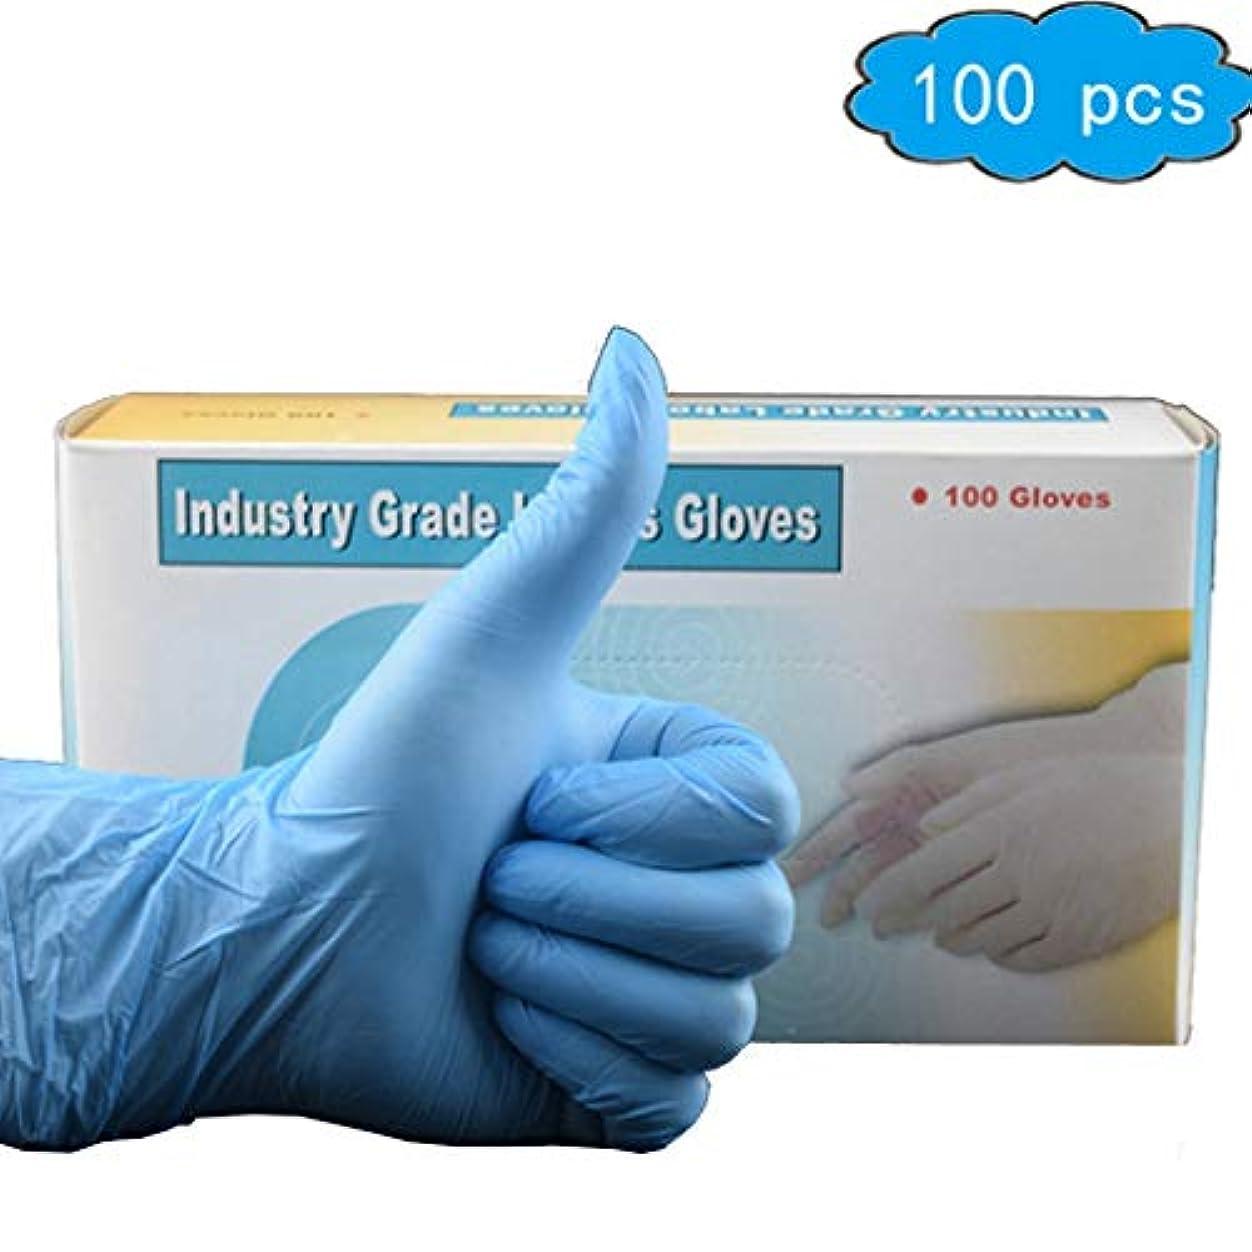 読みやすいスイシールド使い捨て手袋、子供用使い捨て手袋、子供用ニトリル手袋 - 粉末なし、ラテックスなし、無臭、食品等級、アレルギー、質感のある指 - 100PCSブルー (Color : Blue, Size : L)